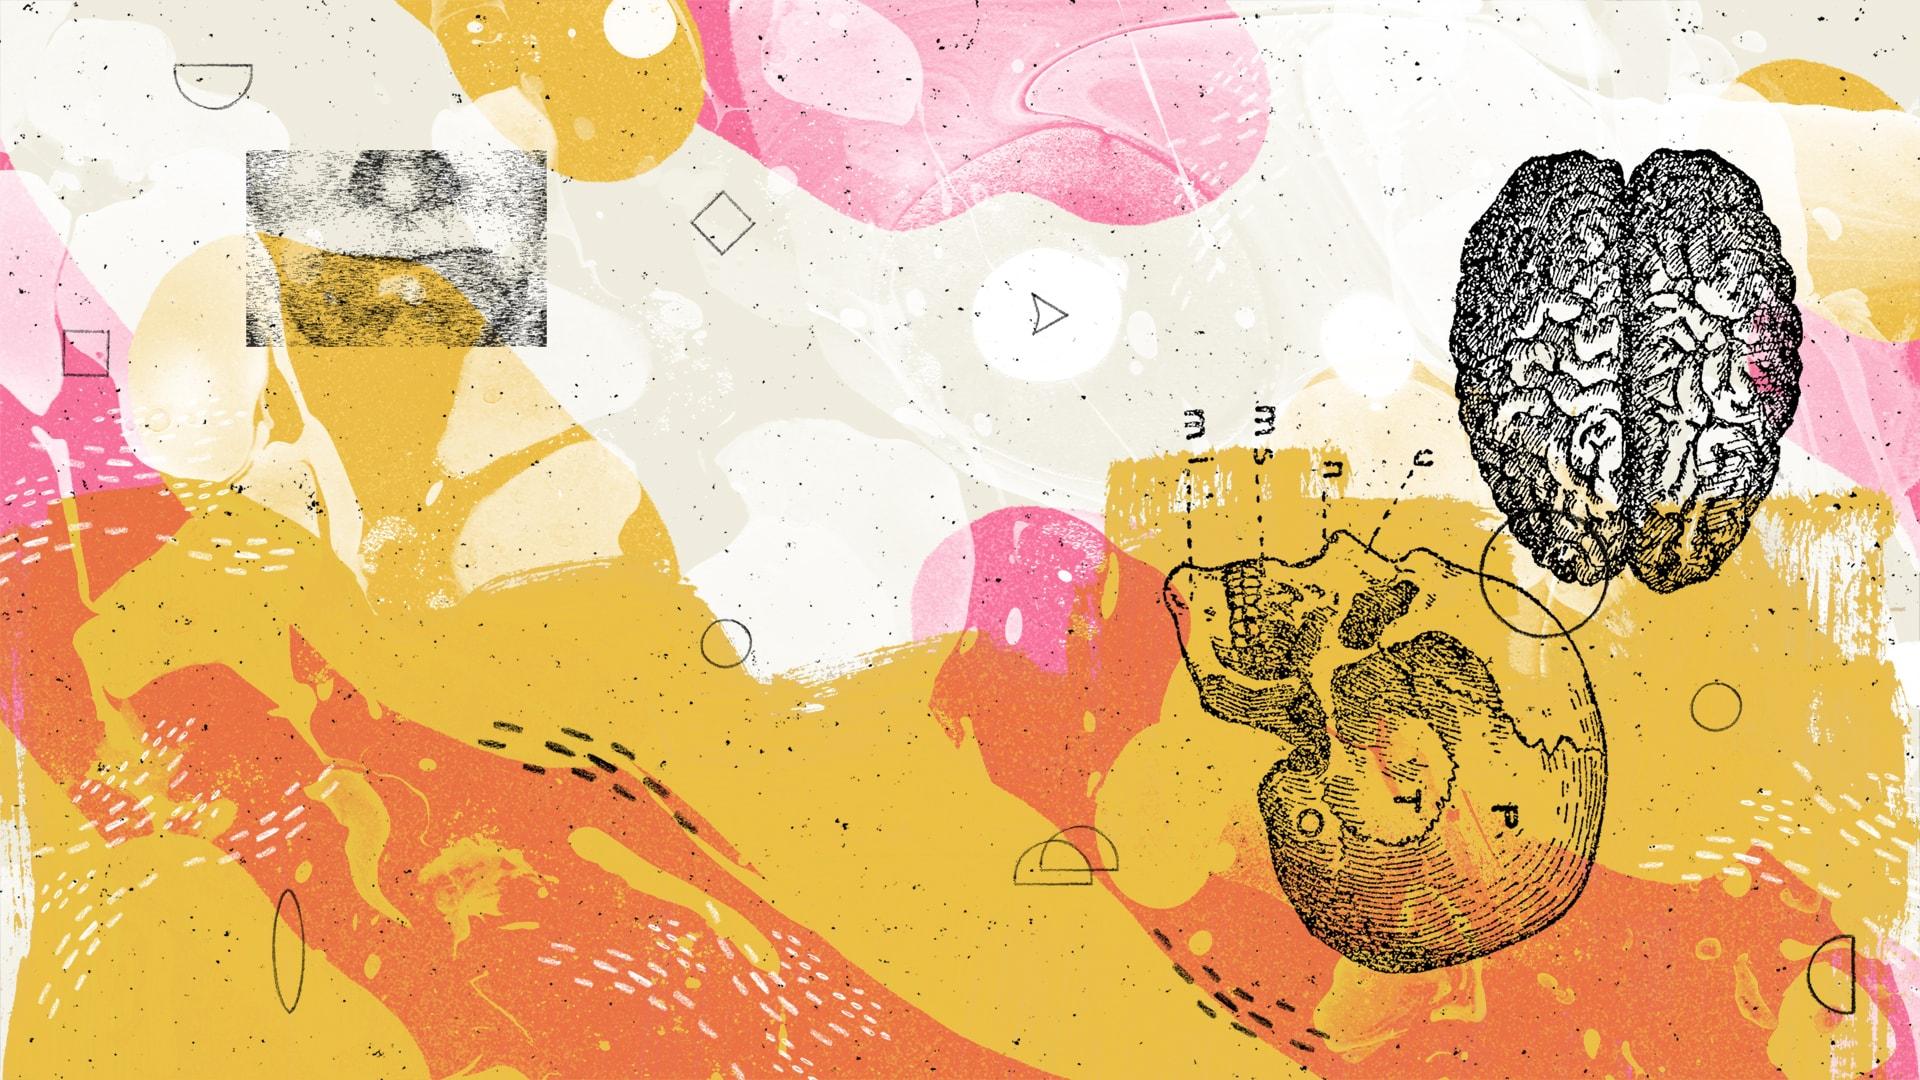 Ilustracja Ady Jarzębowskiej do tekstu Andrzeja Szpindlera o Marku Słyku I Mały Format